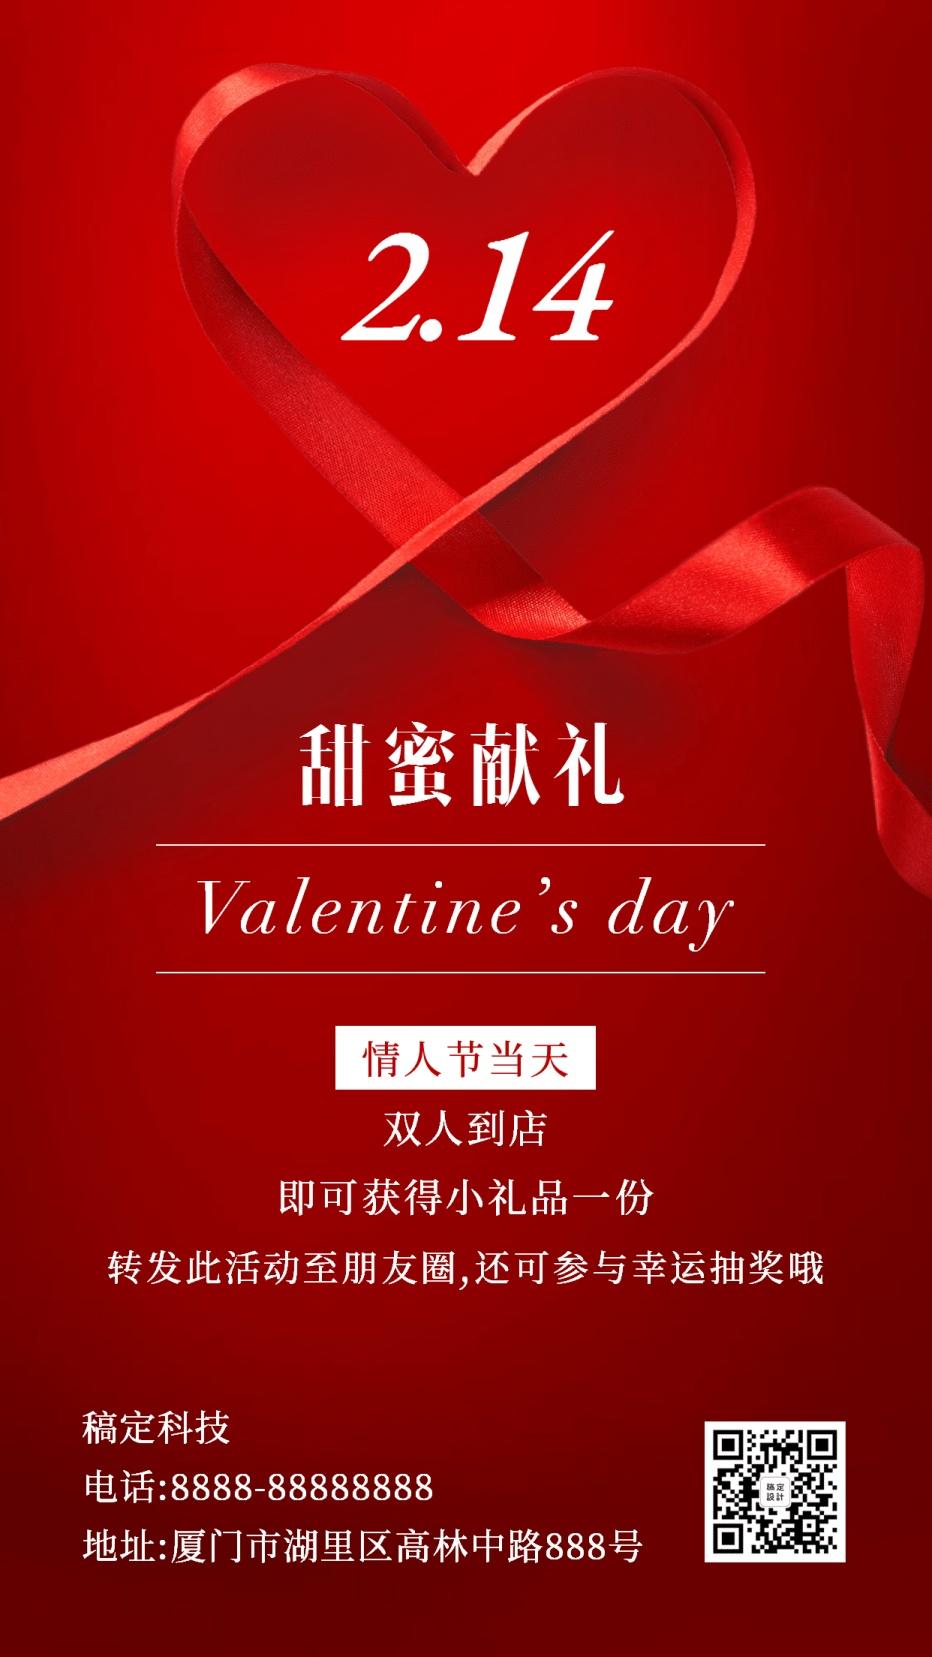 情人节活动促销宣传氛围手机海报